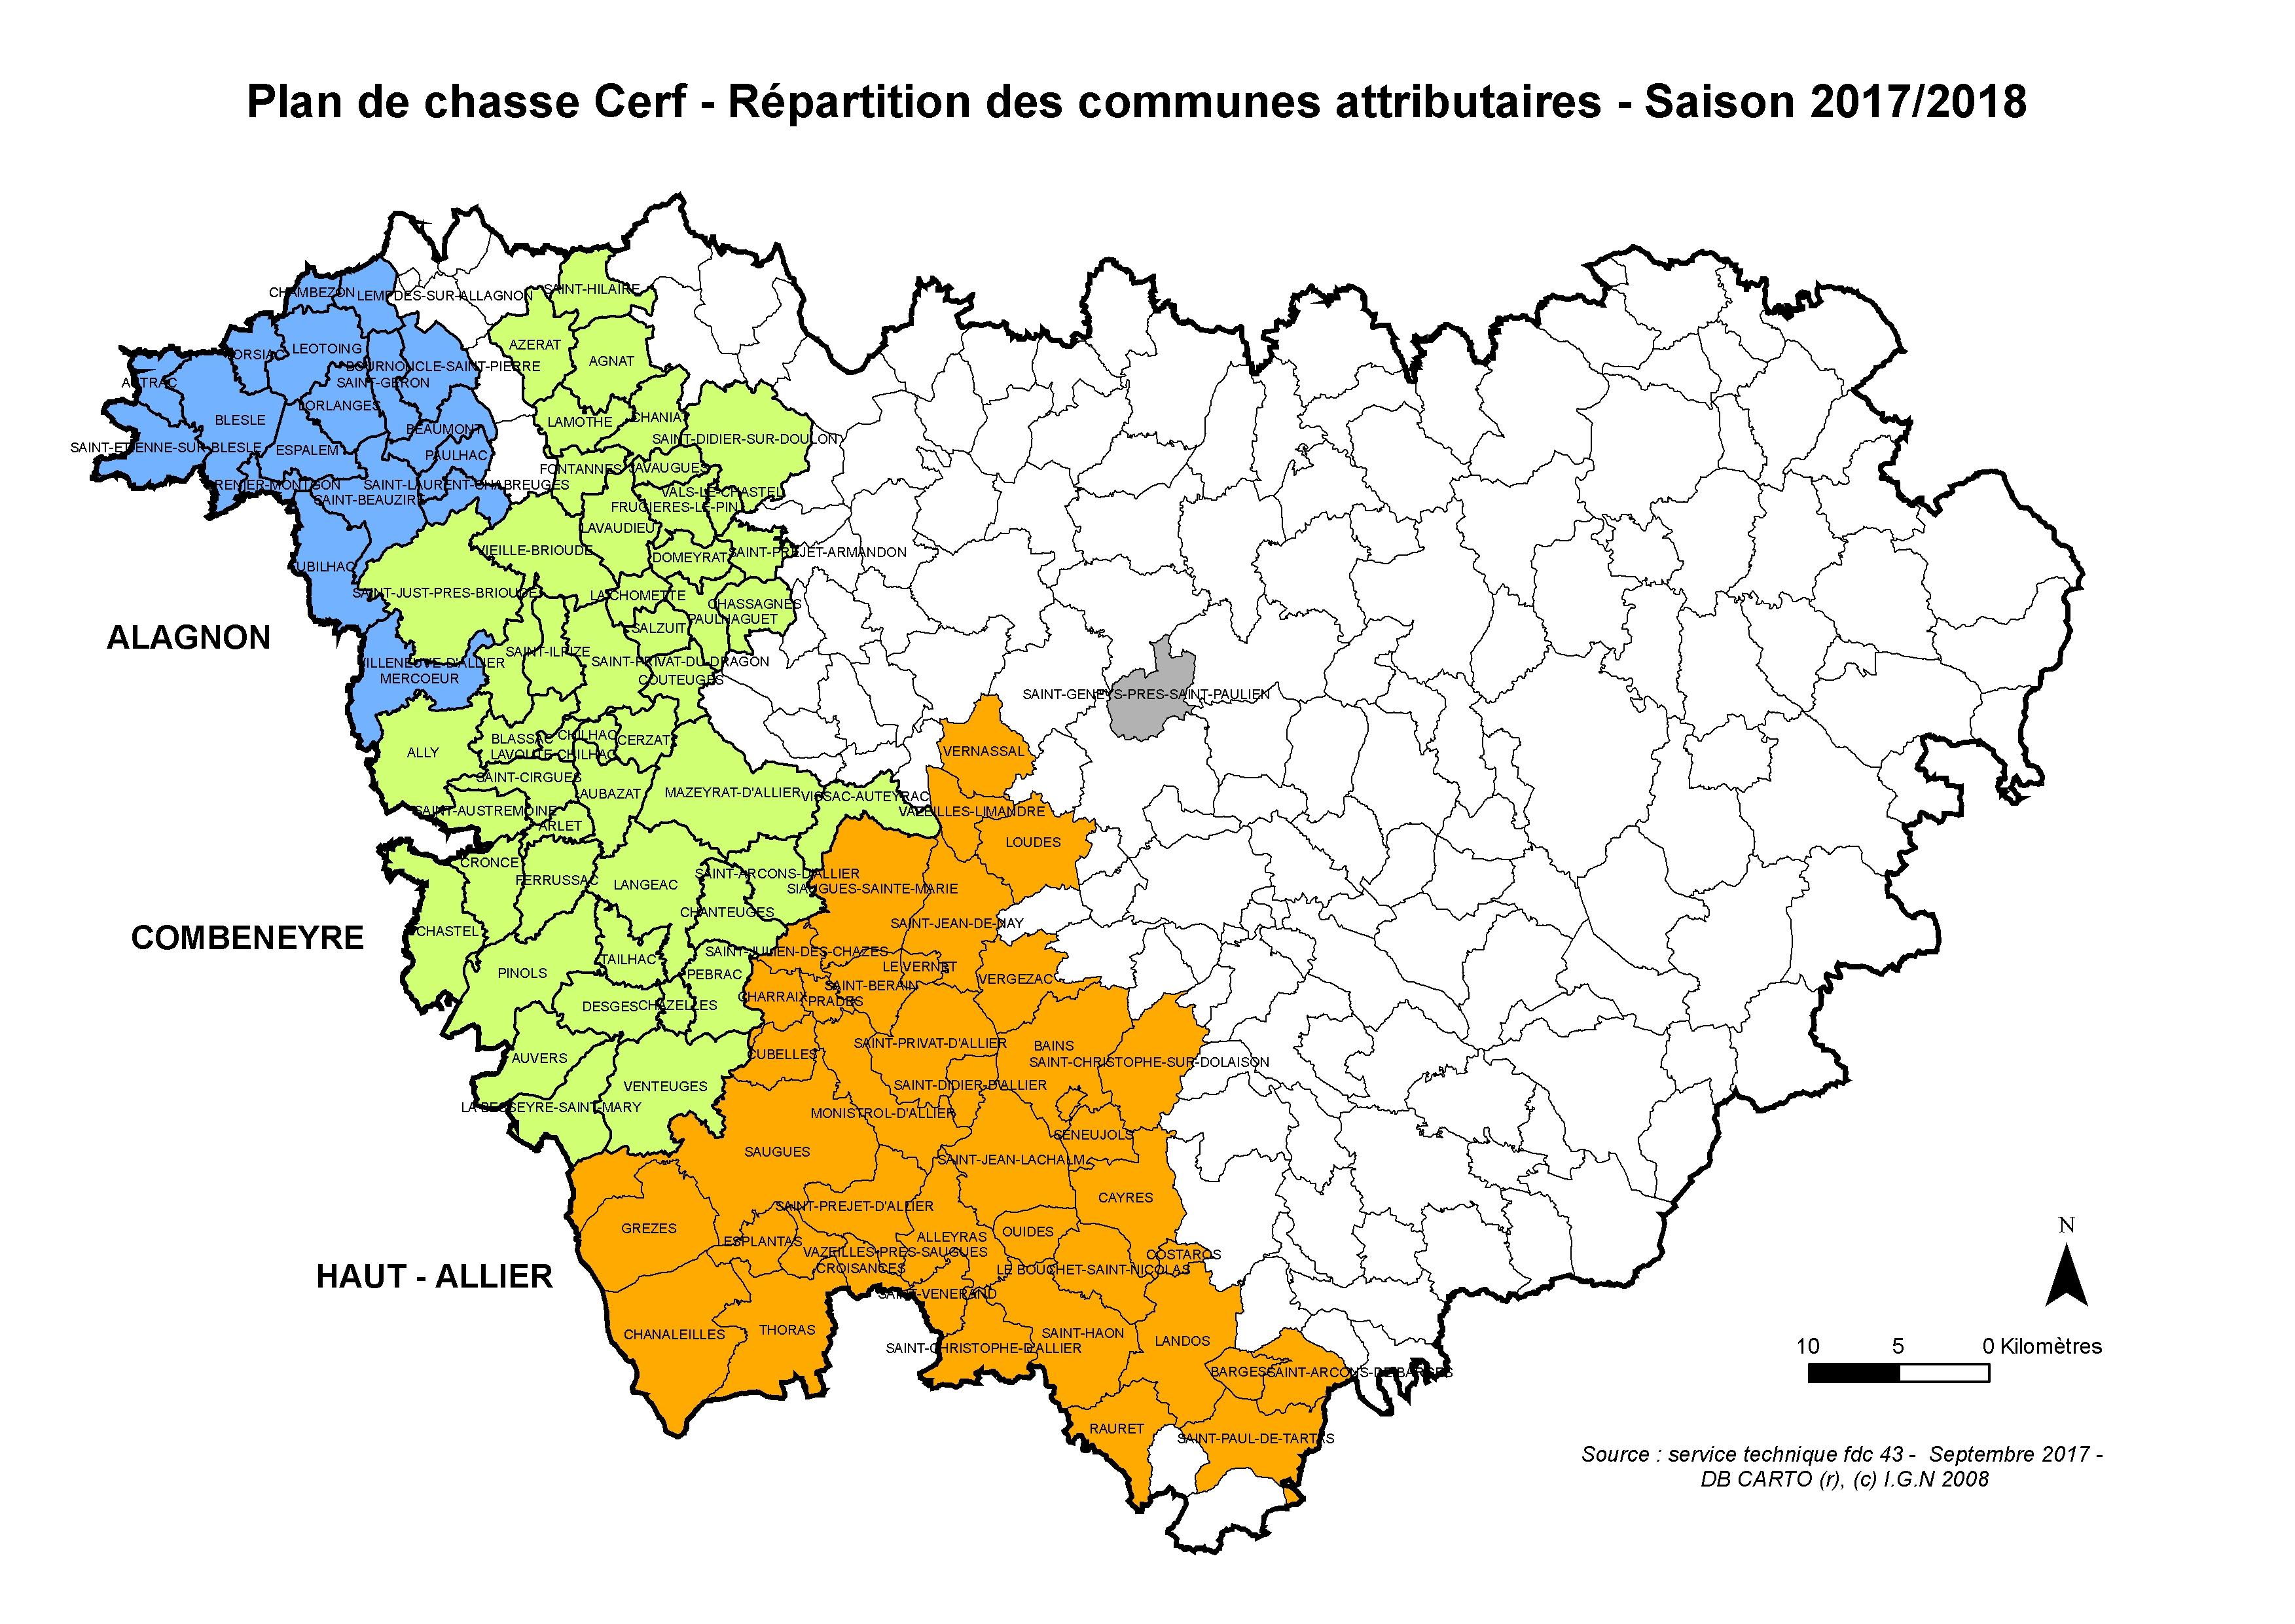 Unité de gestion Cerf - Commune avec plan de chasse cerf 2017 2018